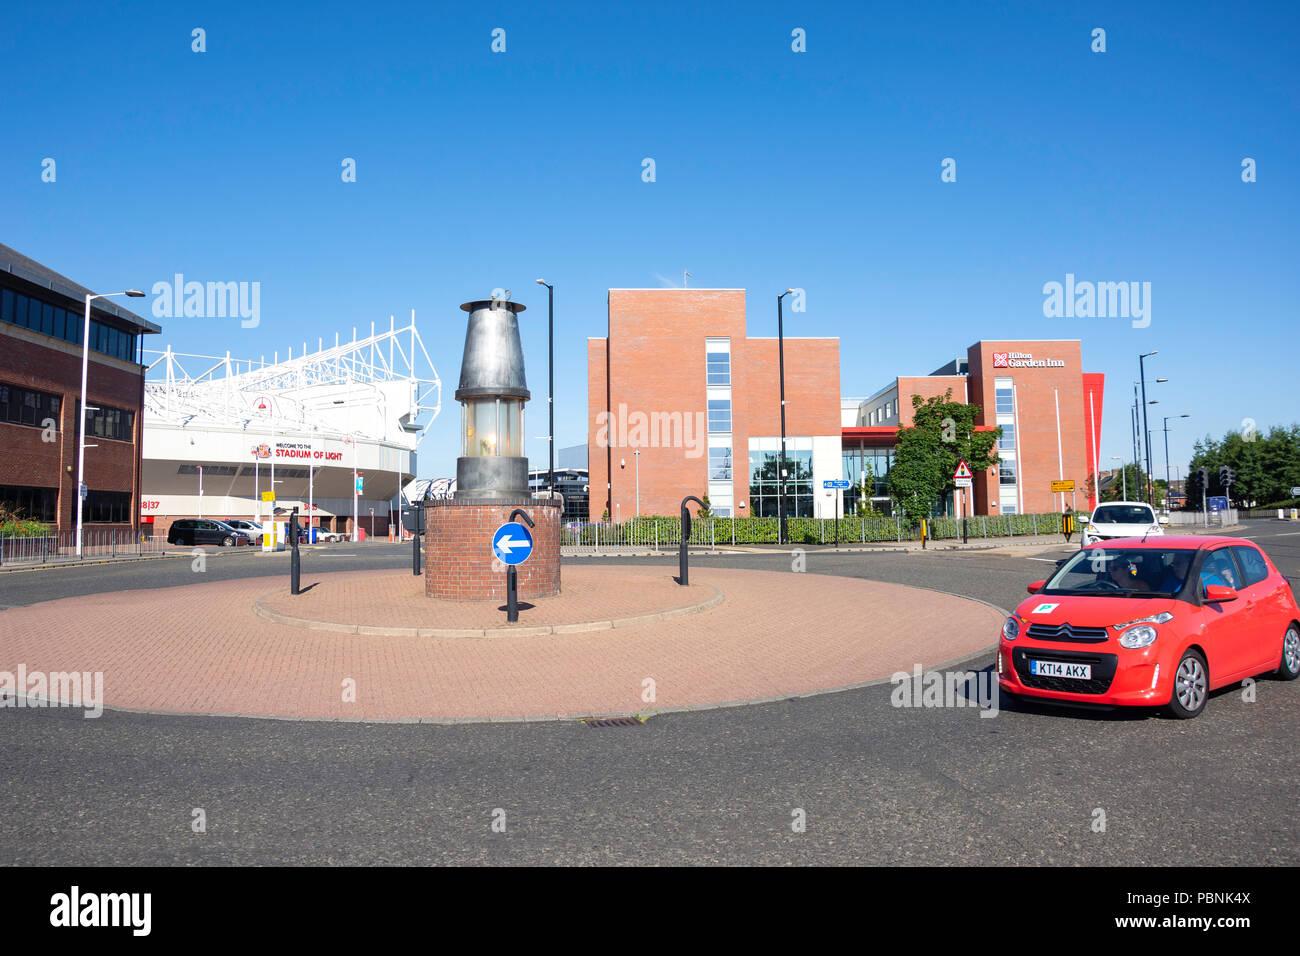 Miner's Lamp roundabout, Stadium Way, Sheepfolds, Sunderland, Tyne and Wear, England, United Kingdom - Stock Image